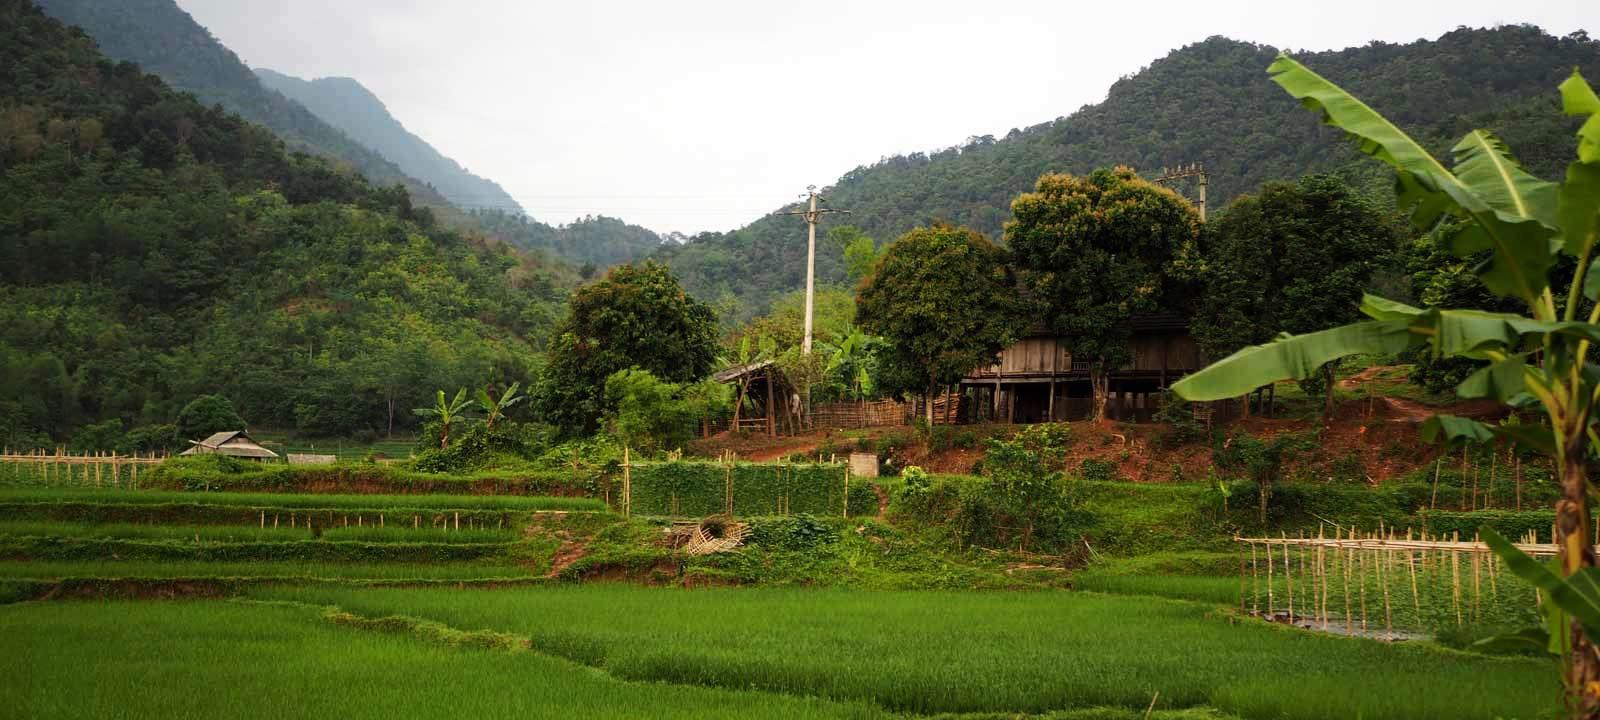 Identité culturelle des villages